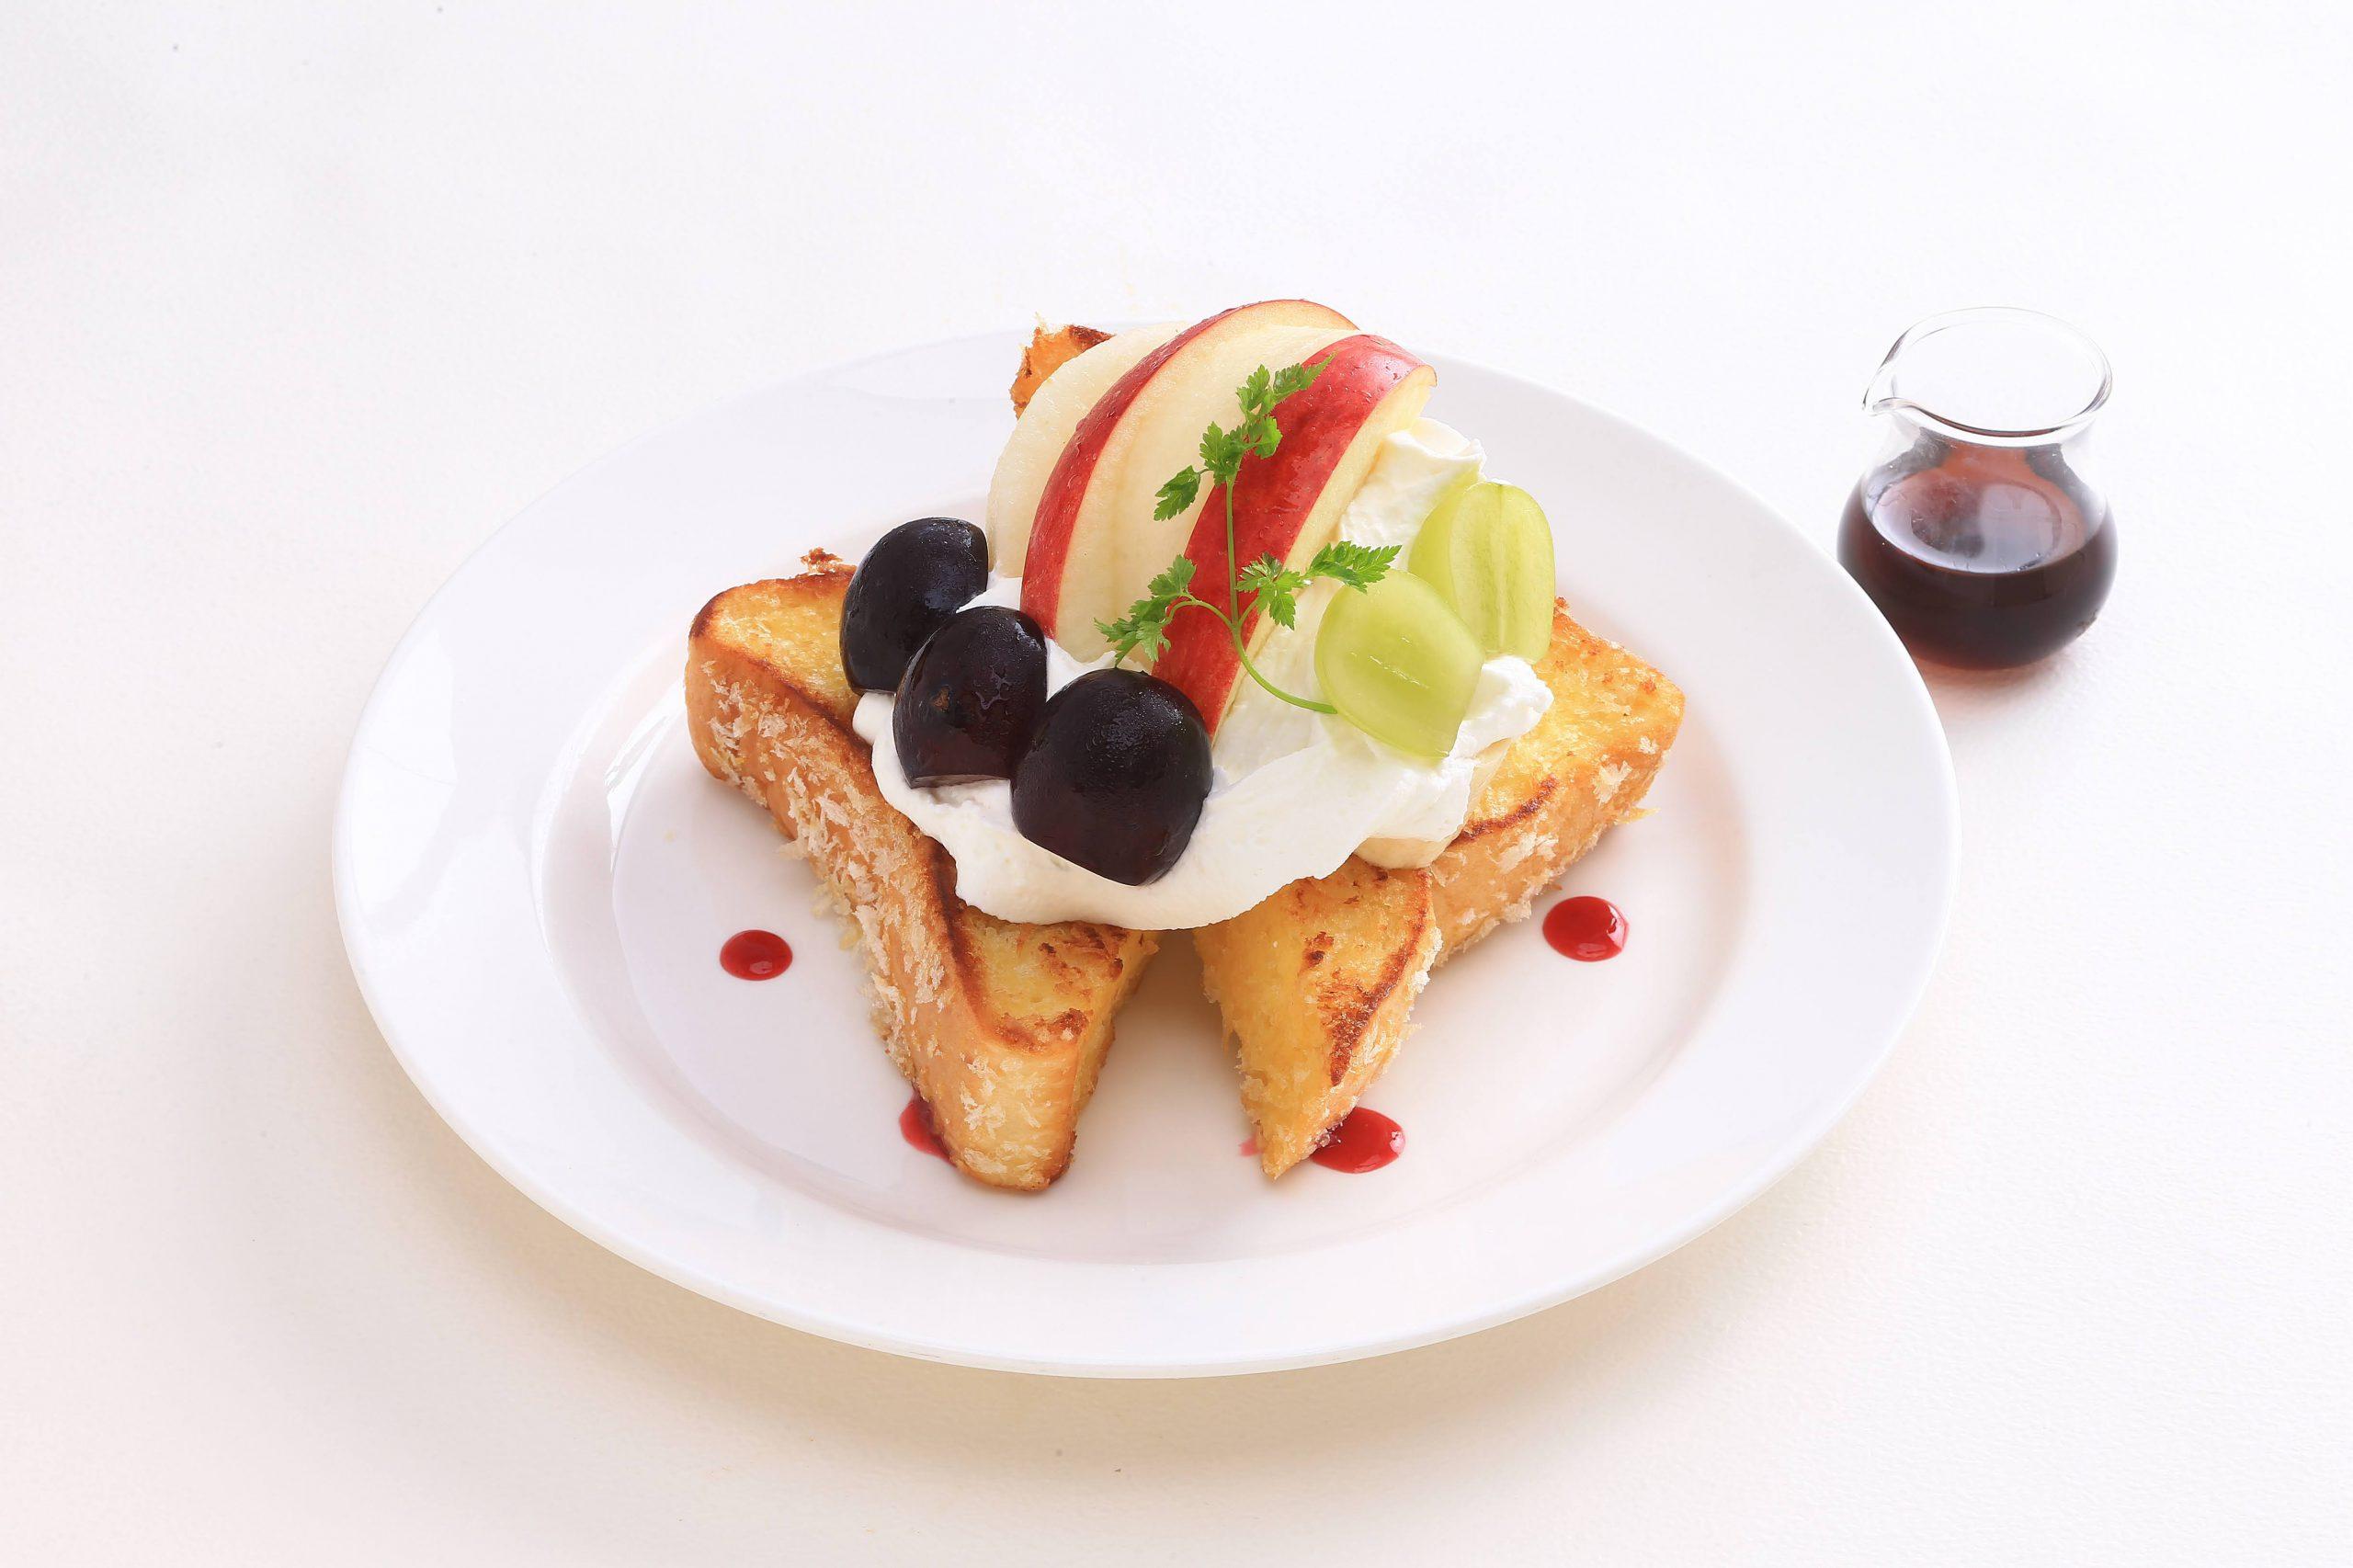 【期節限定】秋果実フレンチトーストランチ